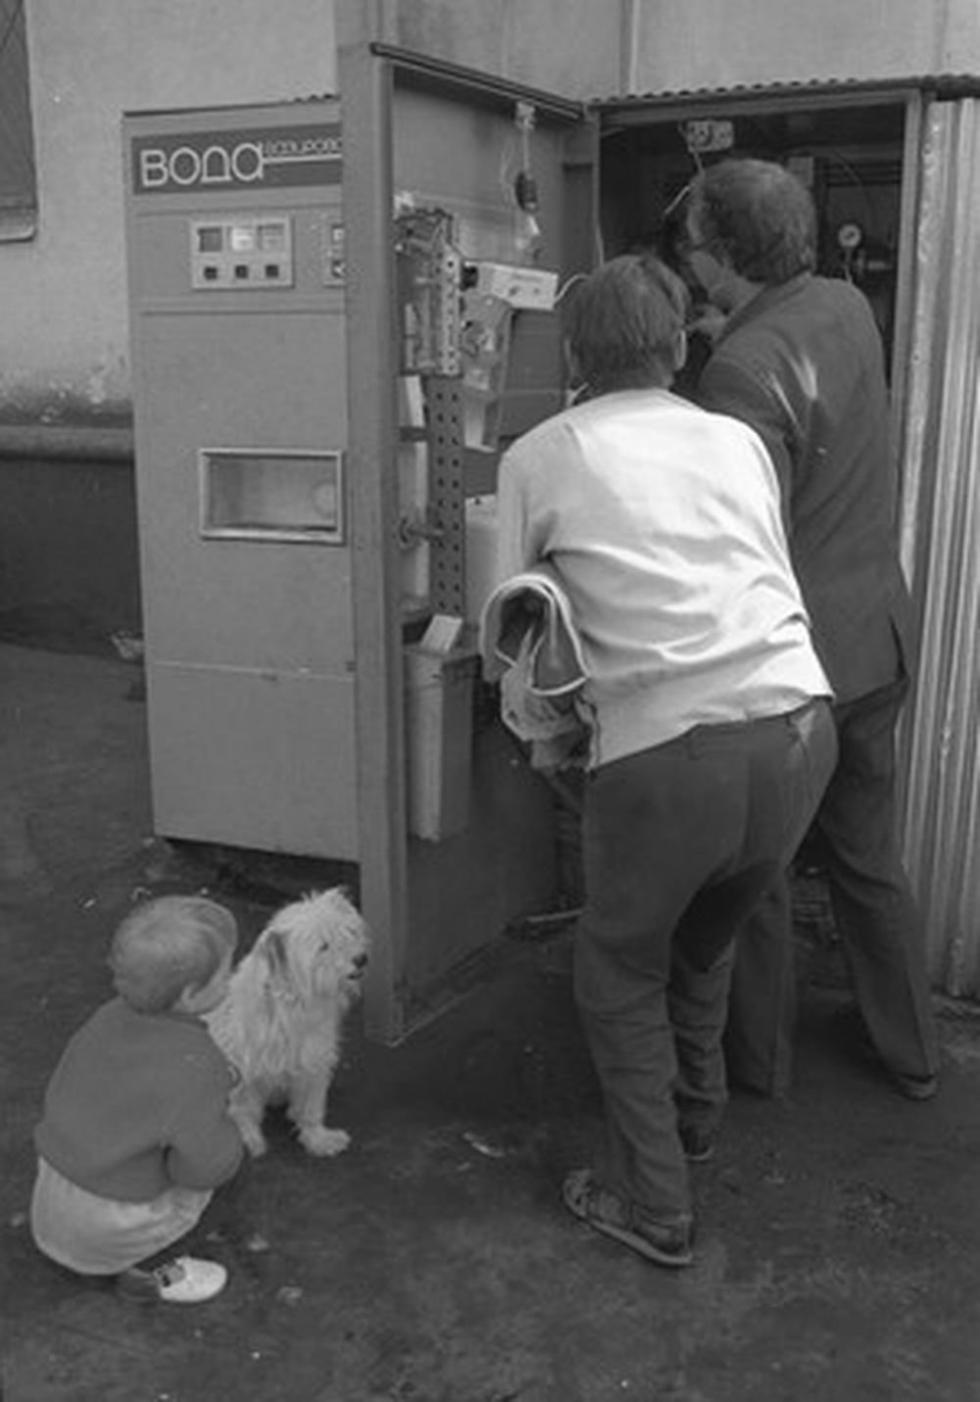 维修师傅来不及去每个售卖点维修,所以解除故障要很久。 涞源:俄罗斯报社